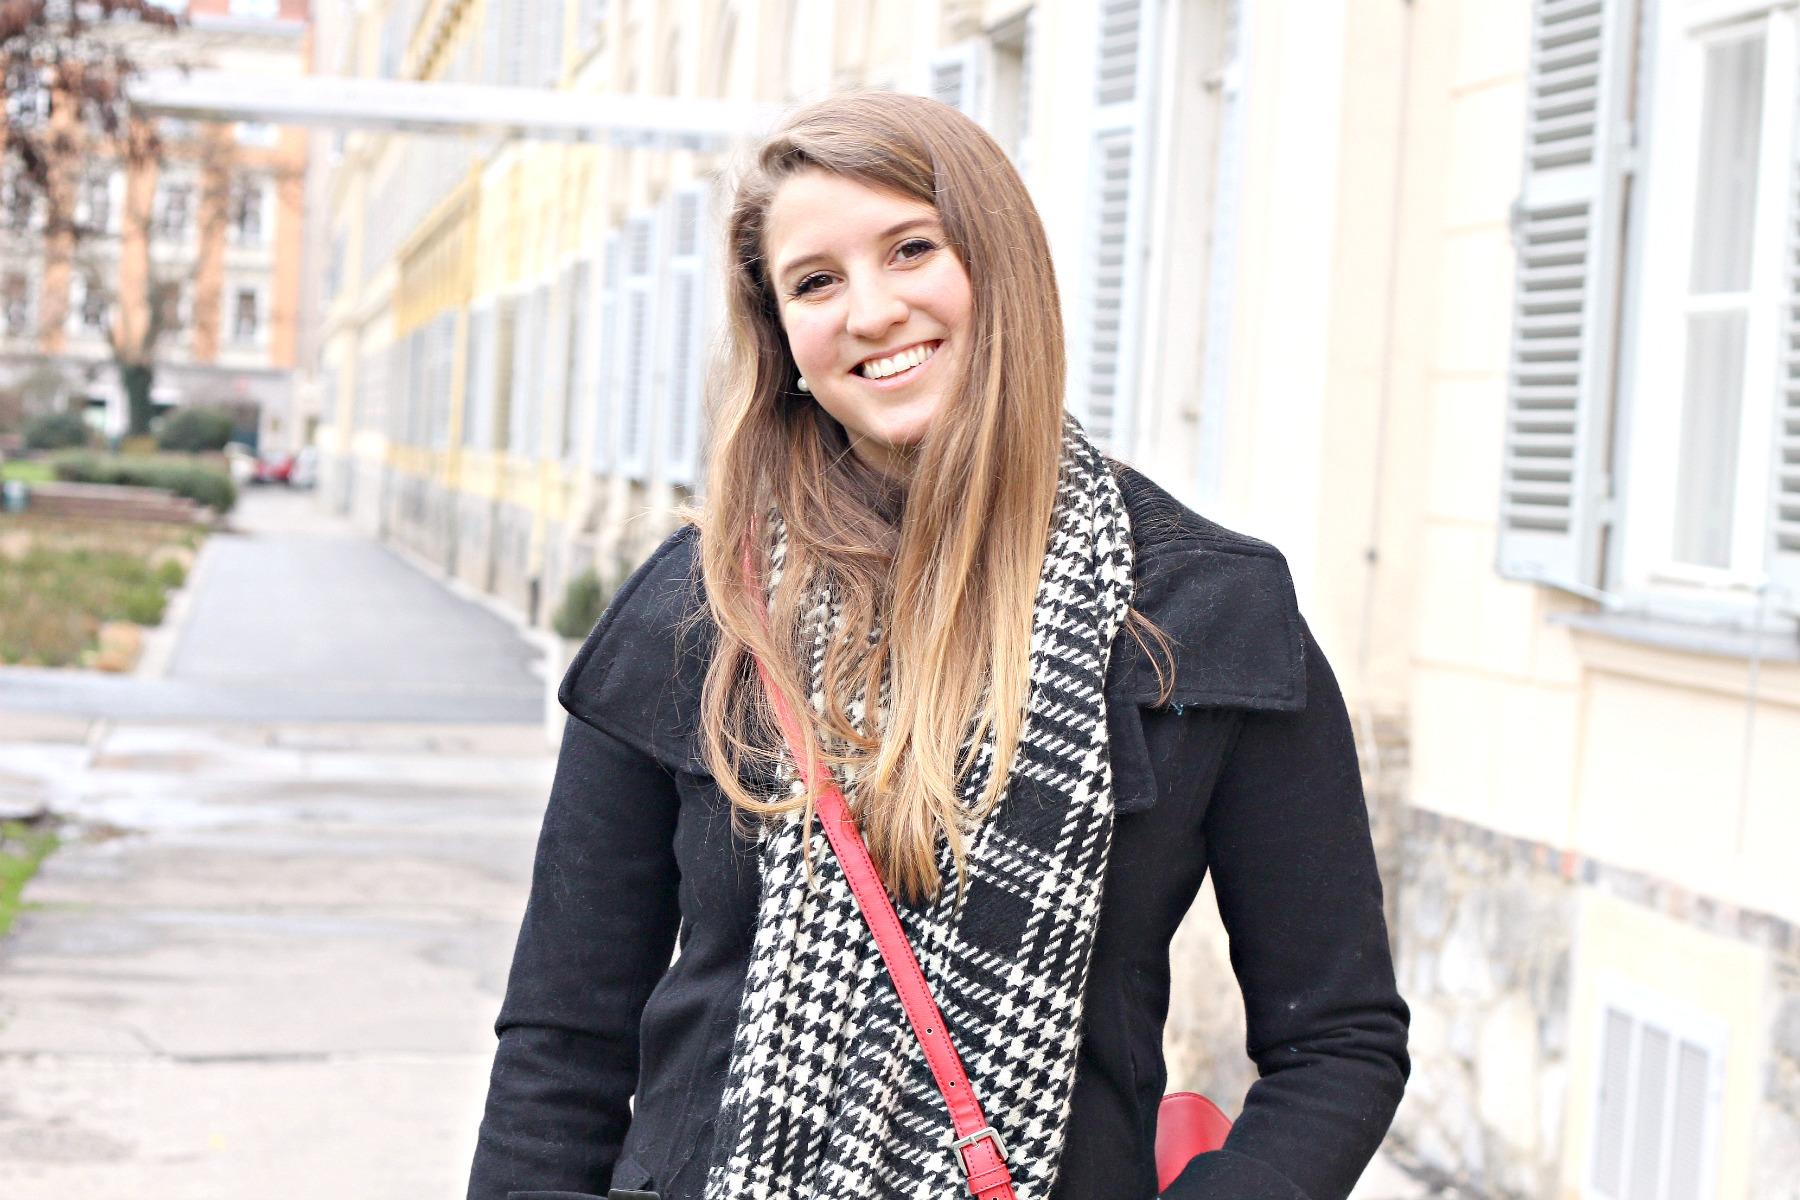 fitnessblog-lifestyleblog-blog-österreich-graz-klara-fuchs-blogger-lifestyle-stadt-outfit1